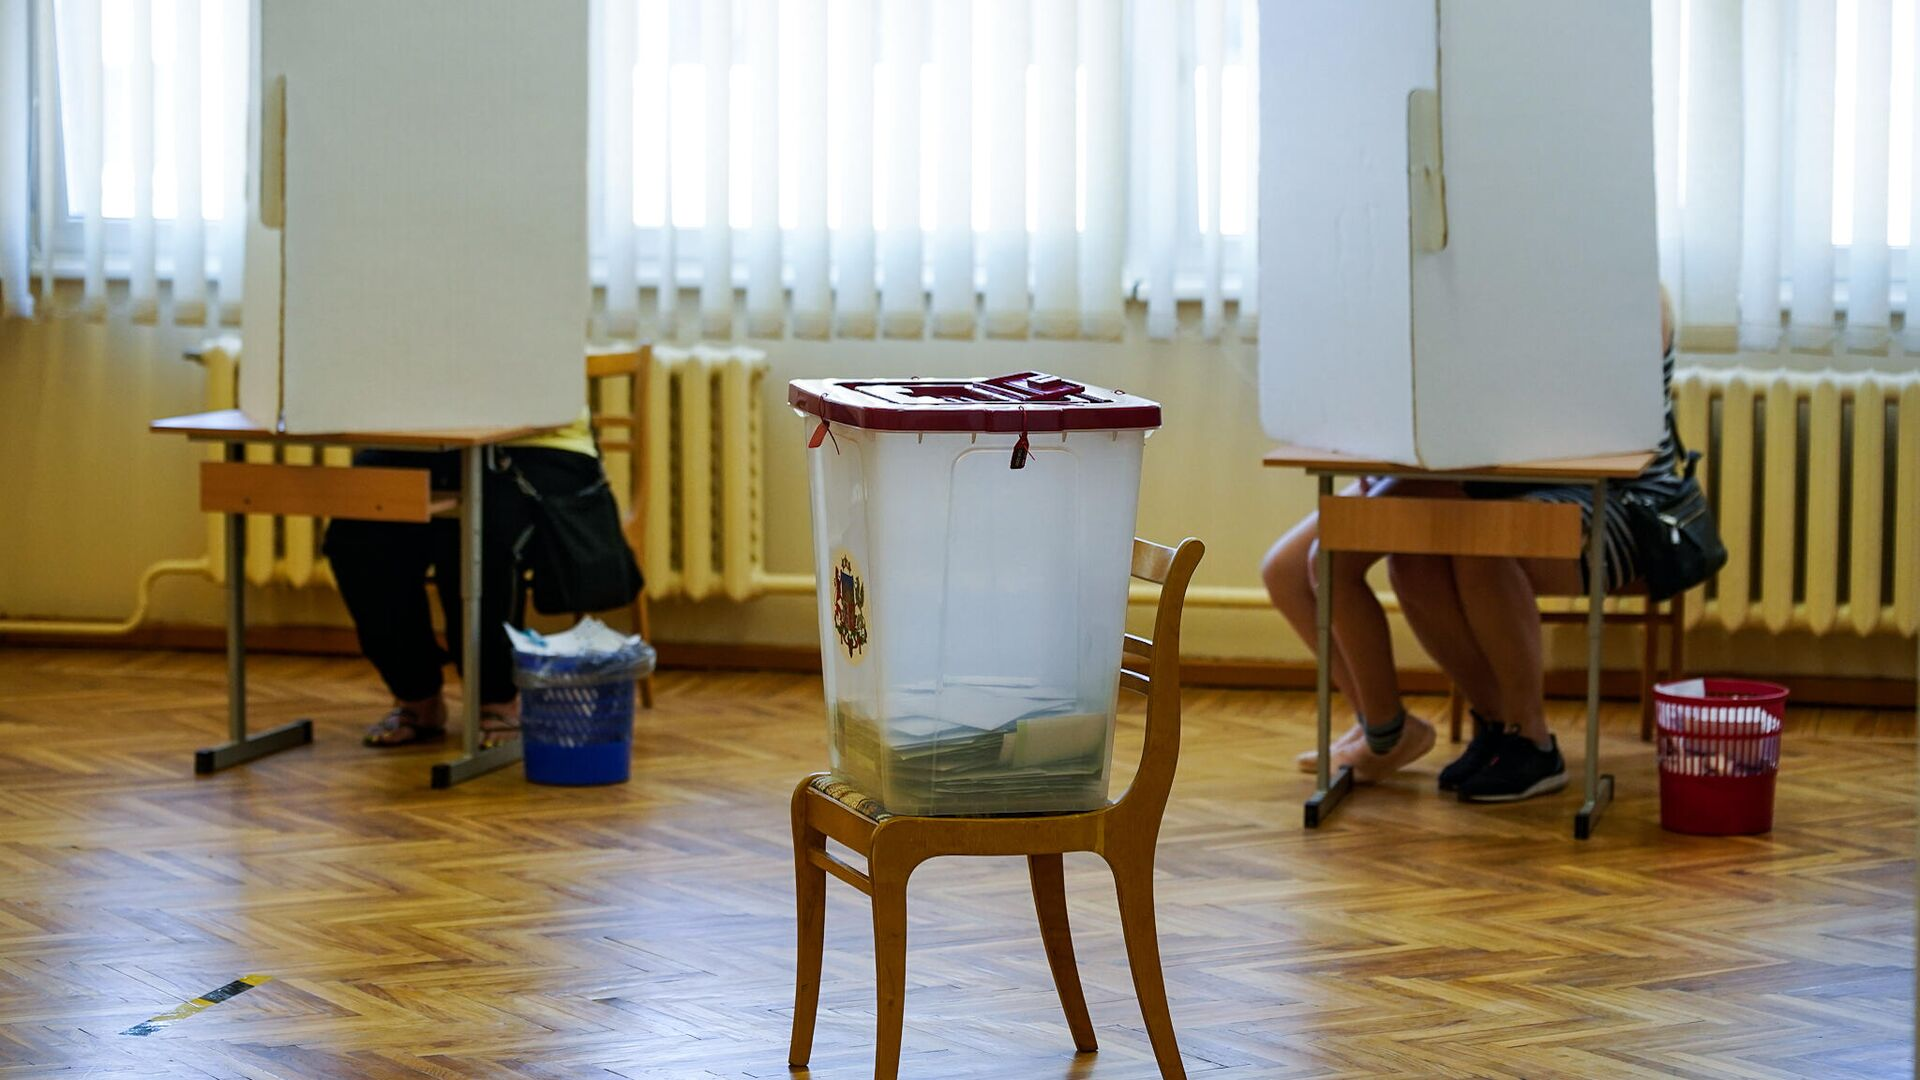 Урна для голосования на избирательном участке в Елгаве - Sputnik Латвия, 1920, 12.09.2021